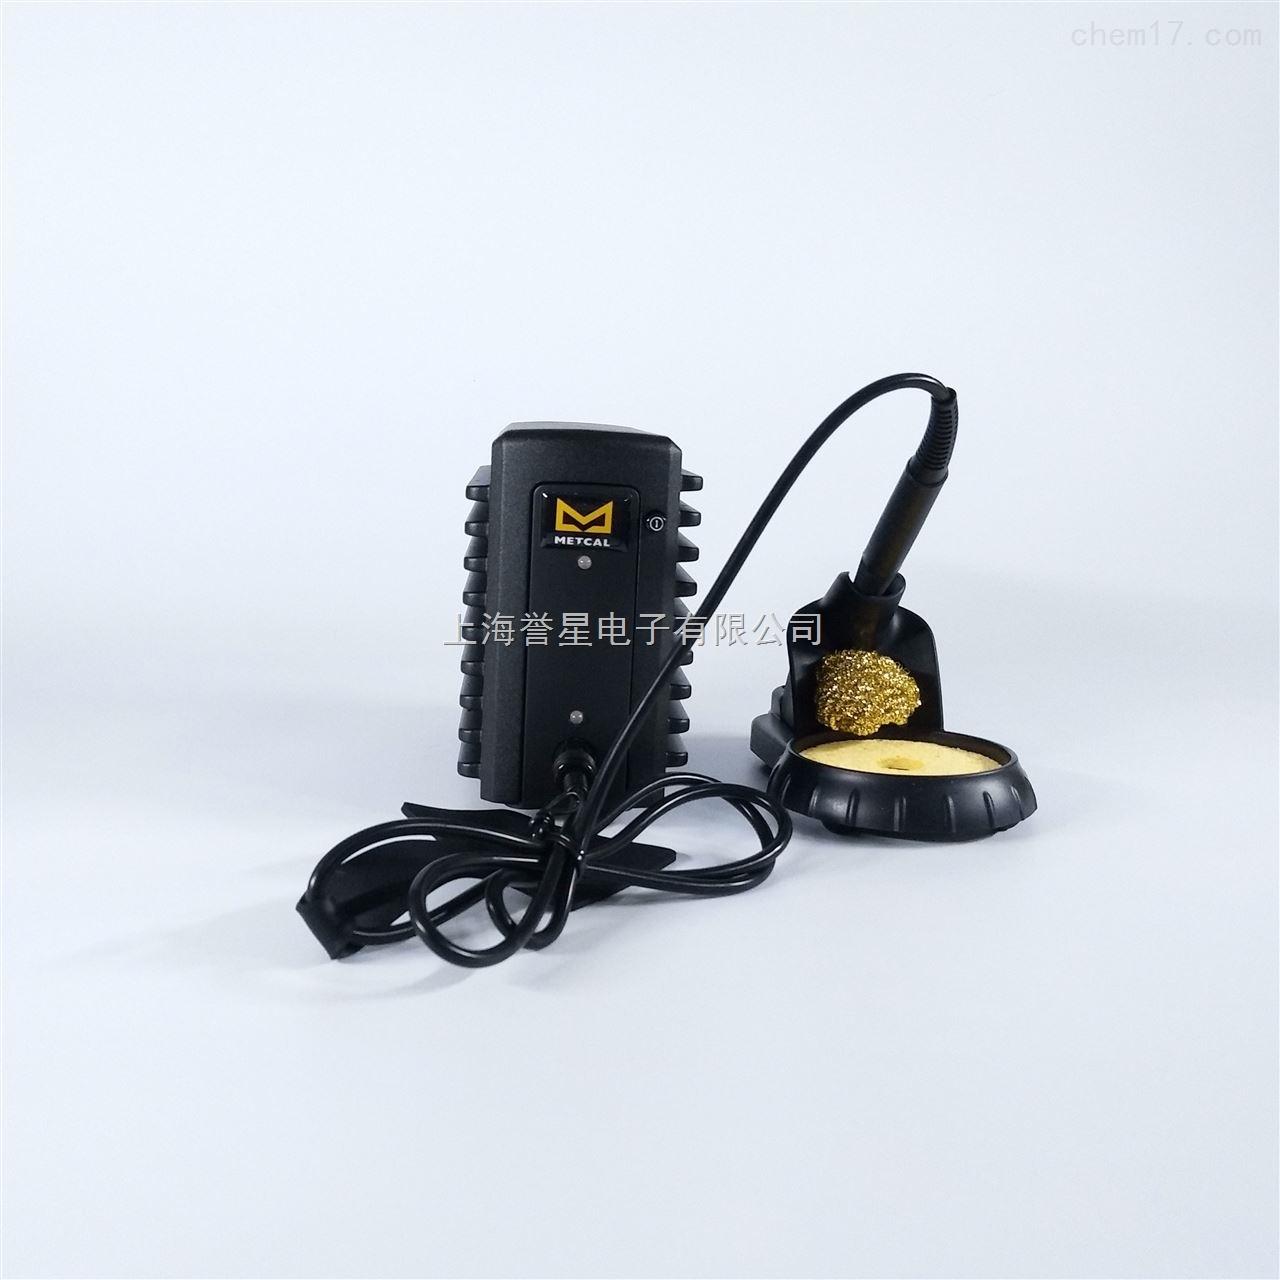 MFR-1160-供应美国oki奥科无铅焊接设备MFR-1160